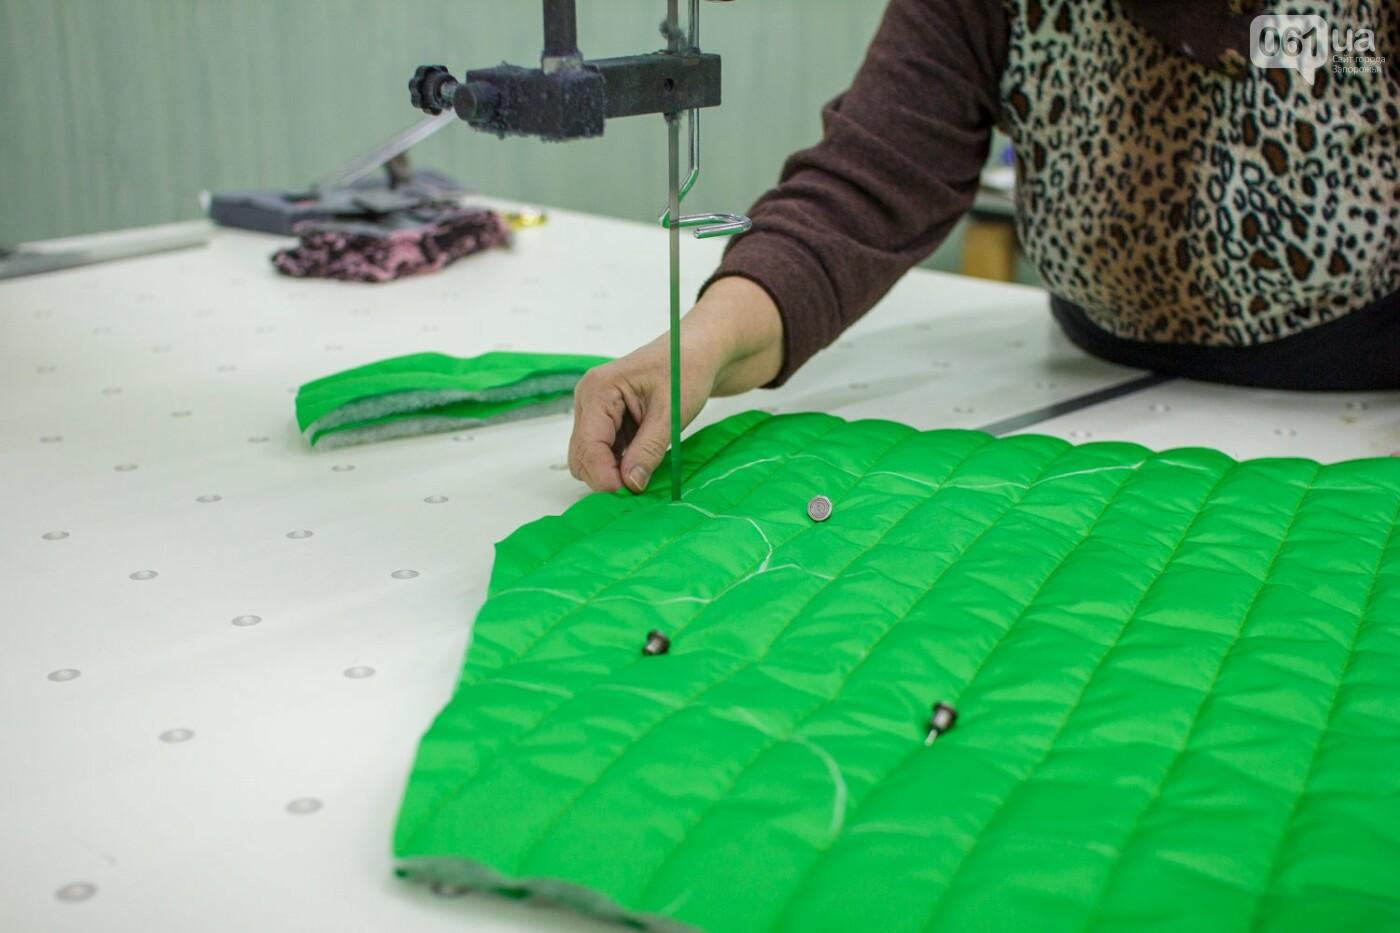 Как в Запорожье шьют мужское белье: экскурсия на трикотажную фабрику, – ФОТОРЕПОРТАЖ, фото-19